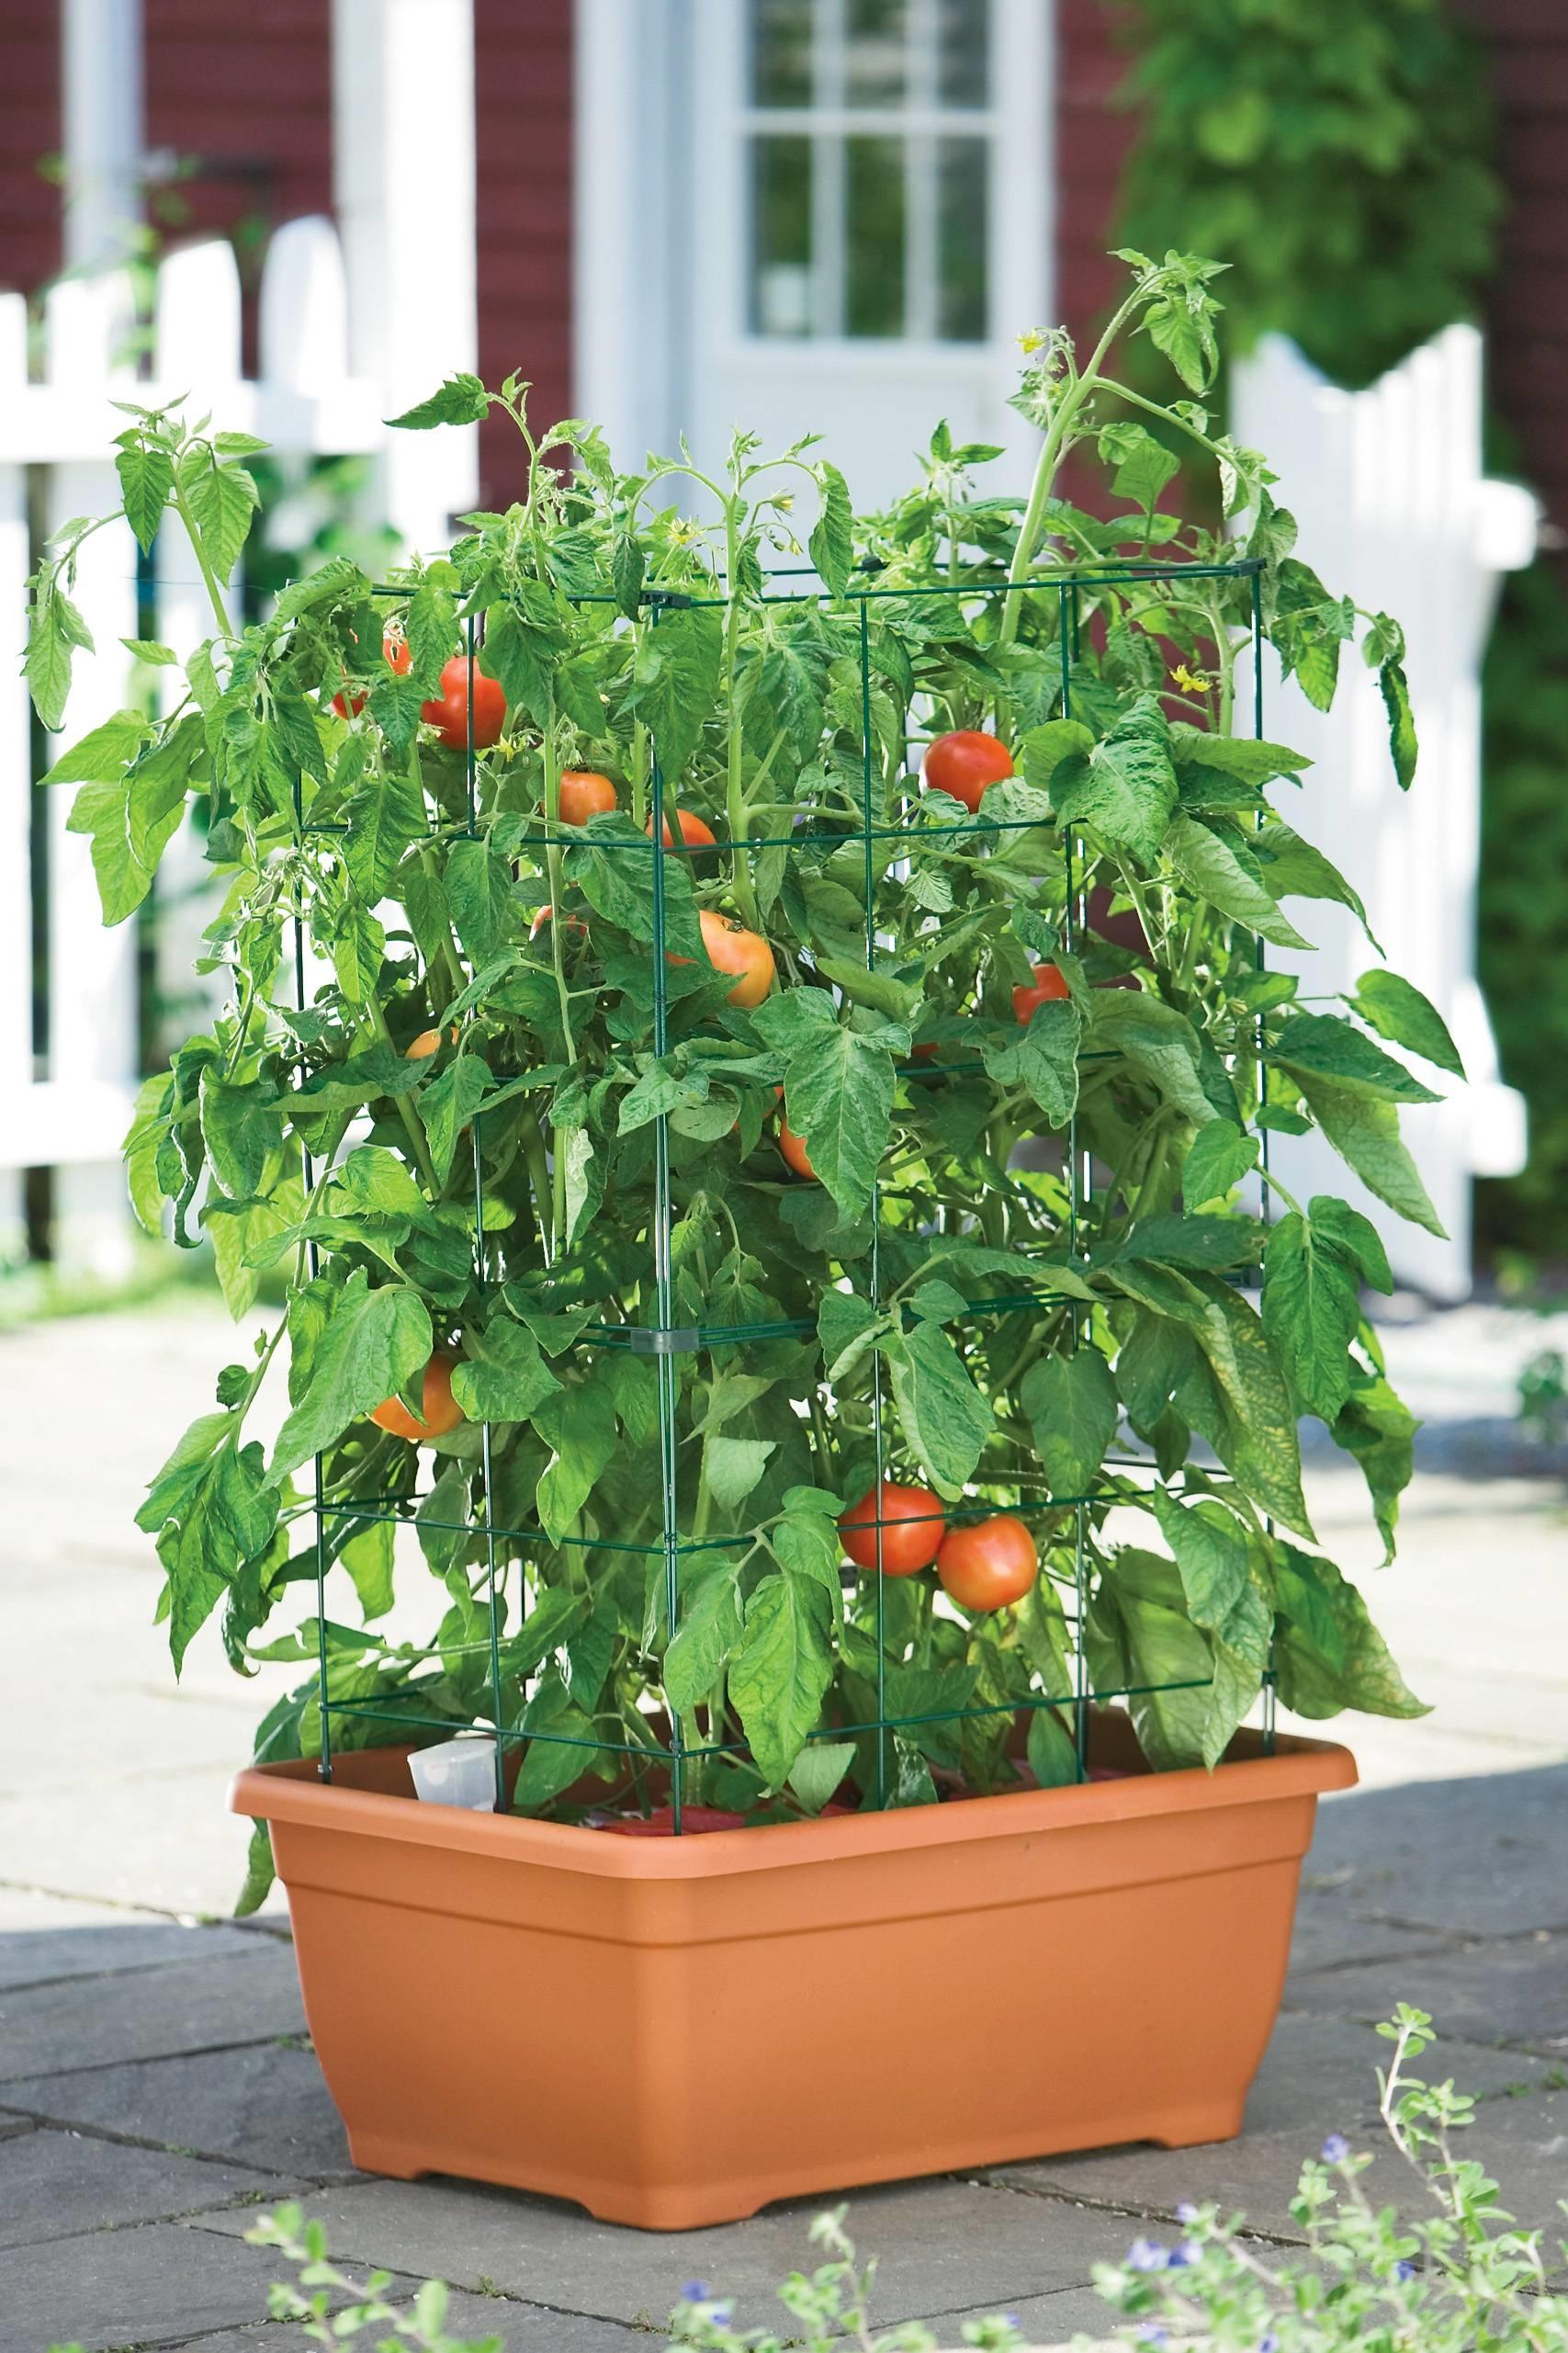 Coltivare pomodori in vaso o nell'orto - cucina green.